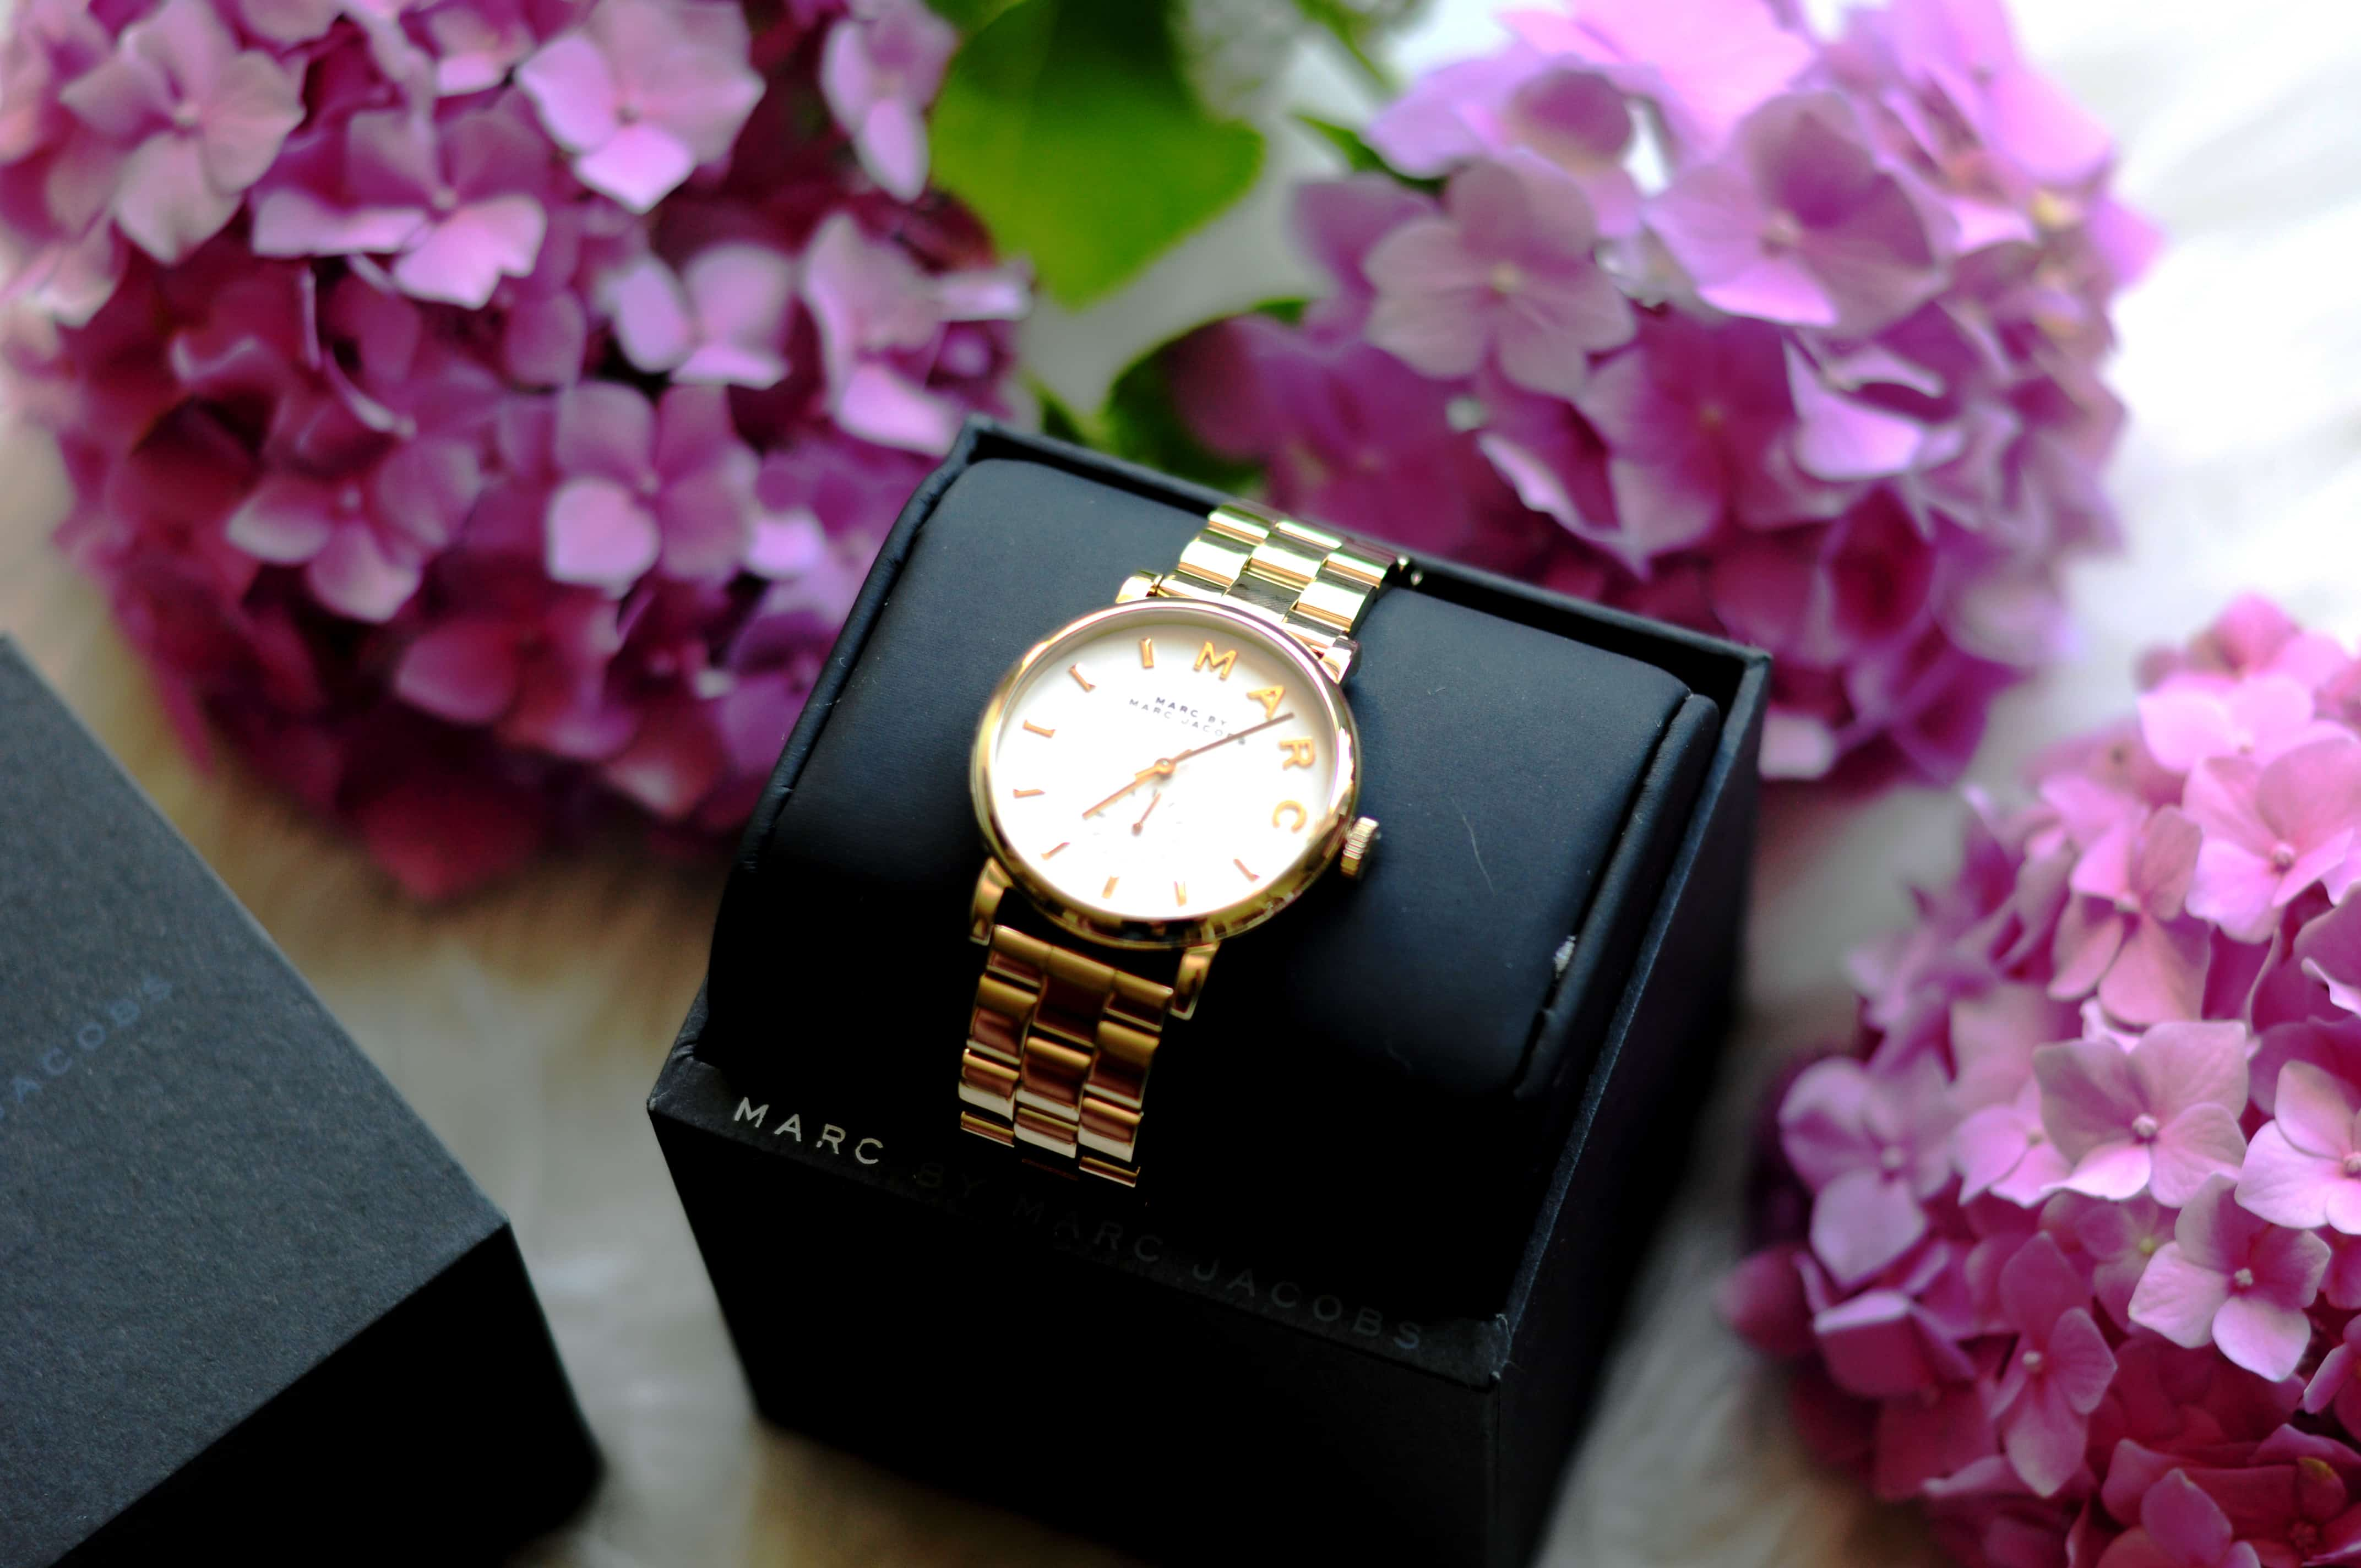 New in: wymarzony zegarek MARC BY MARC JACOBS BAKER WATCH via Shopbop. Po czym poznać oryginalny zegarek?